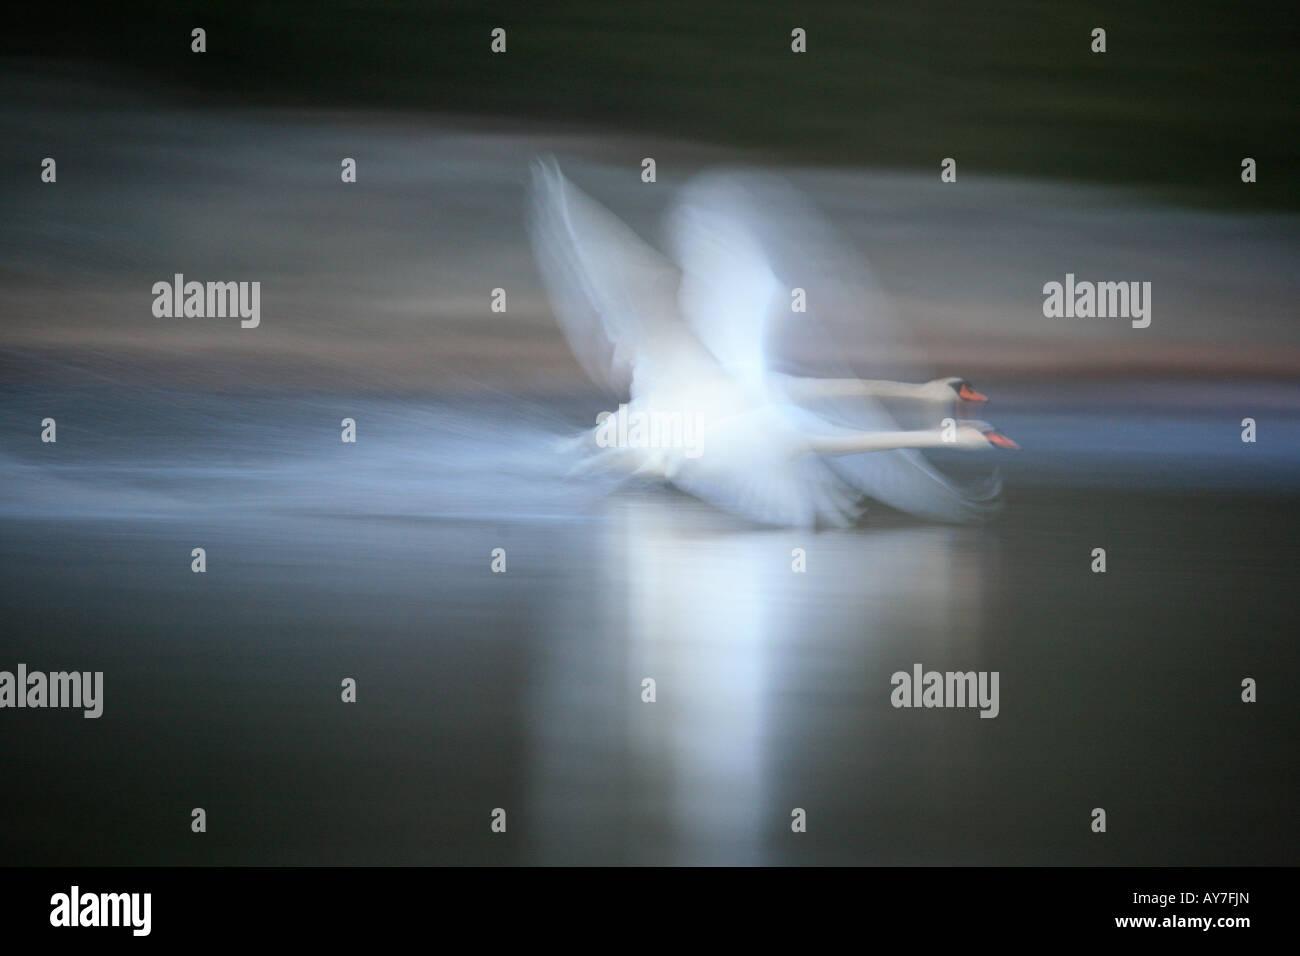 Mute Swan im traumhaften Flug über den See Vansjø, Østfold Fylke, Norwegen. Stockbild